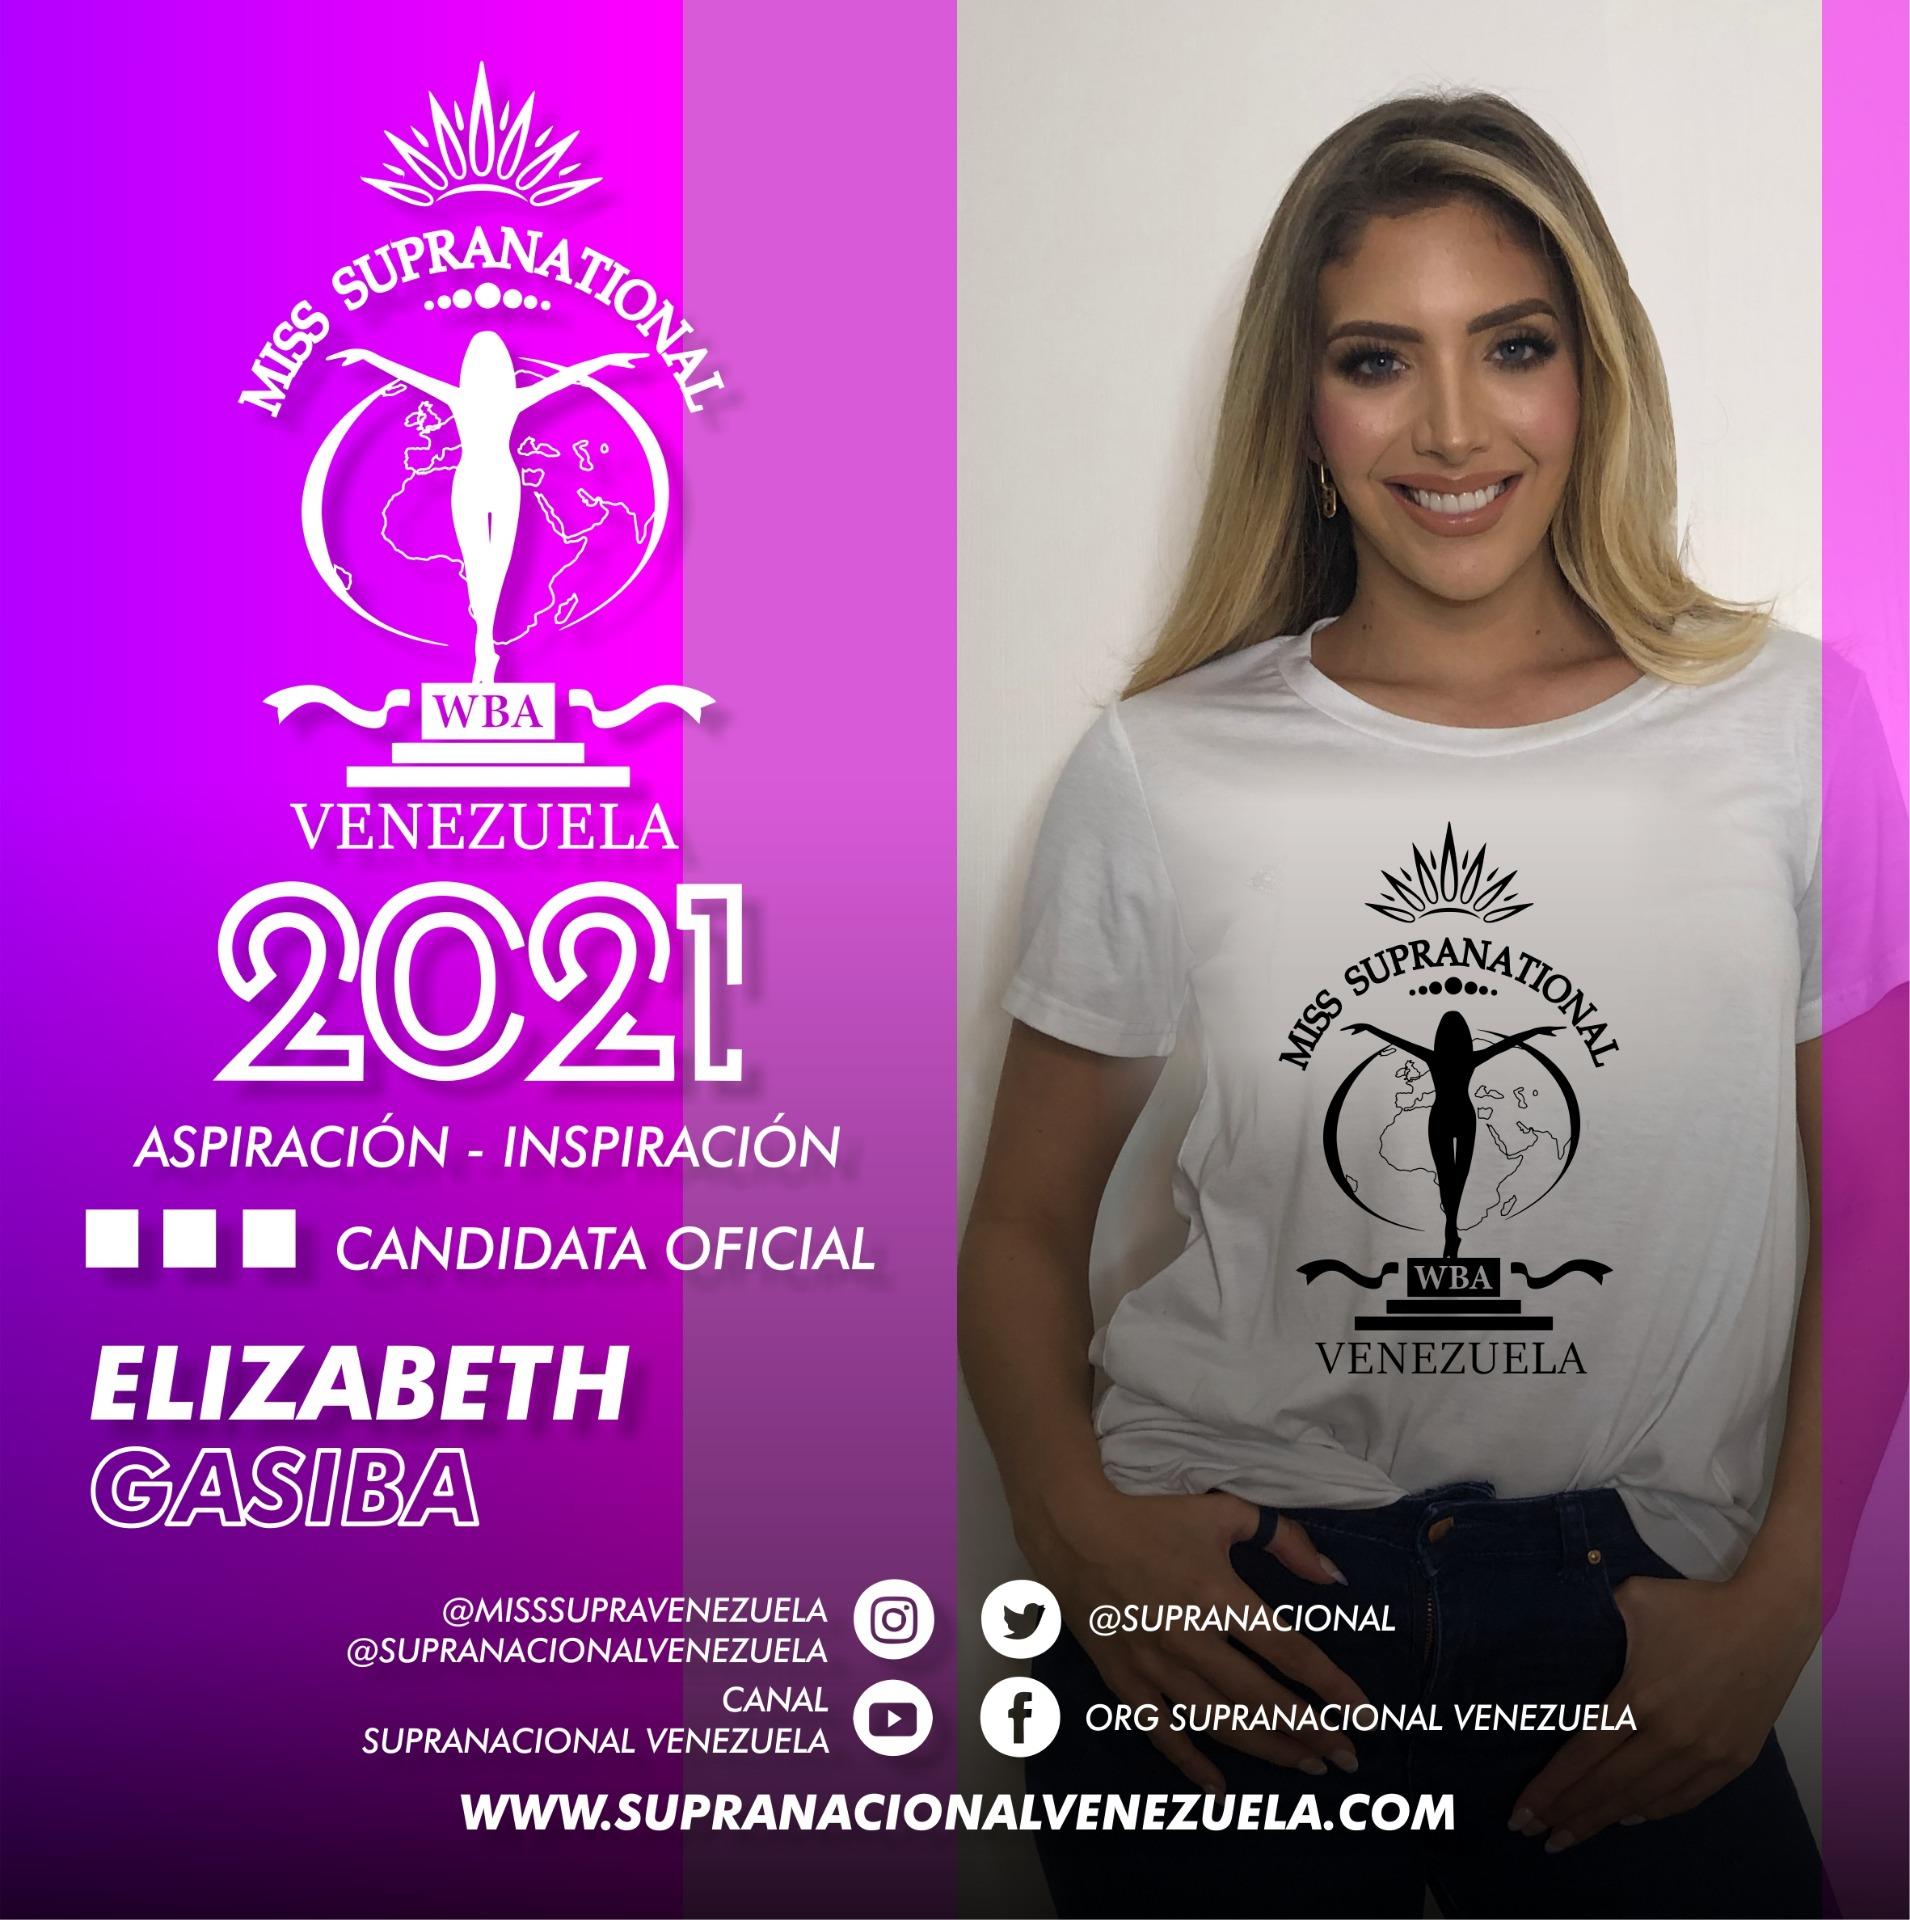 Elizabeth Gasiba